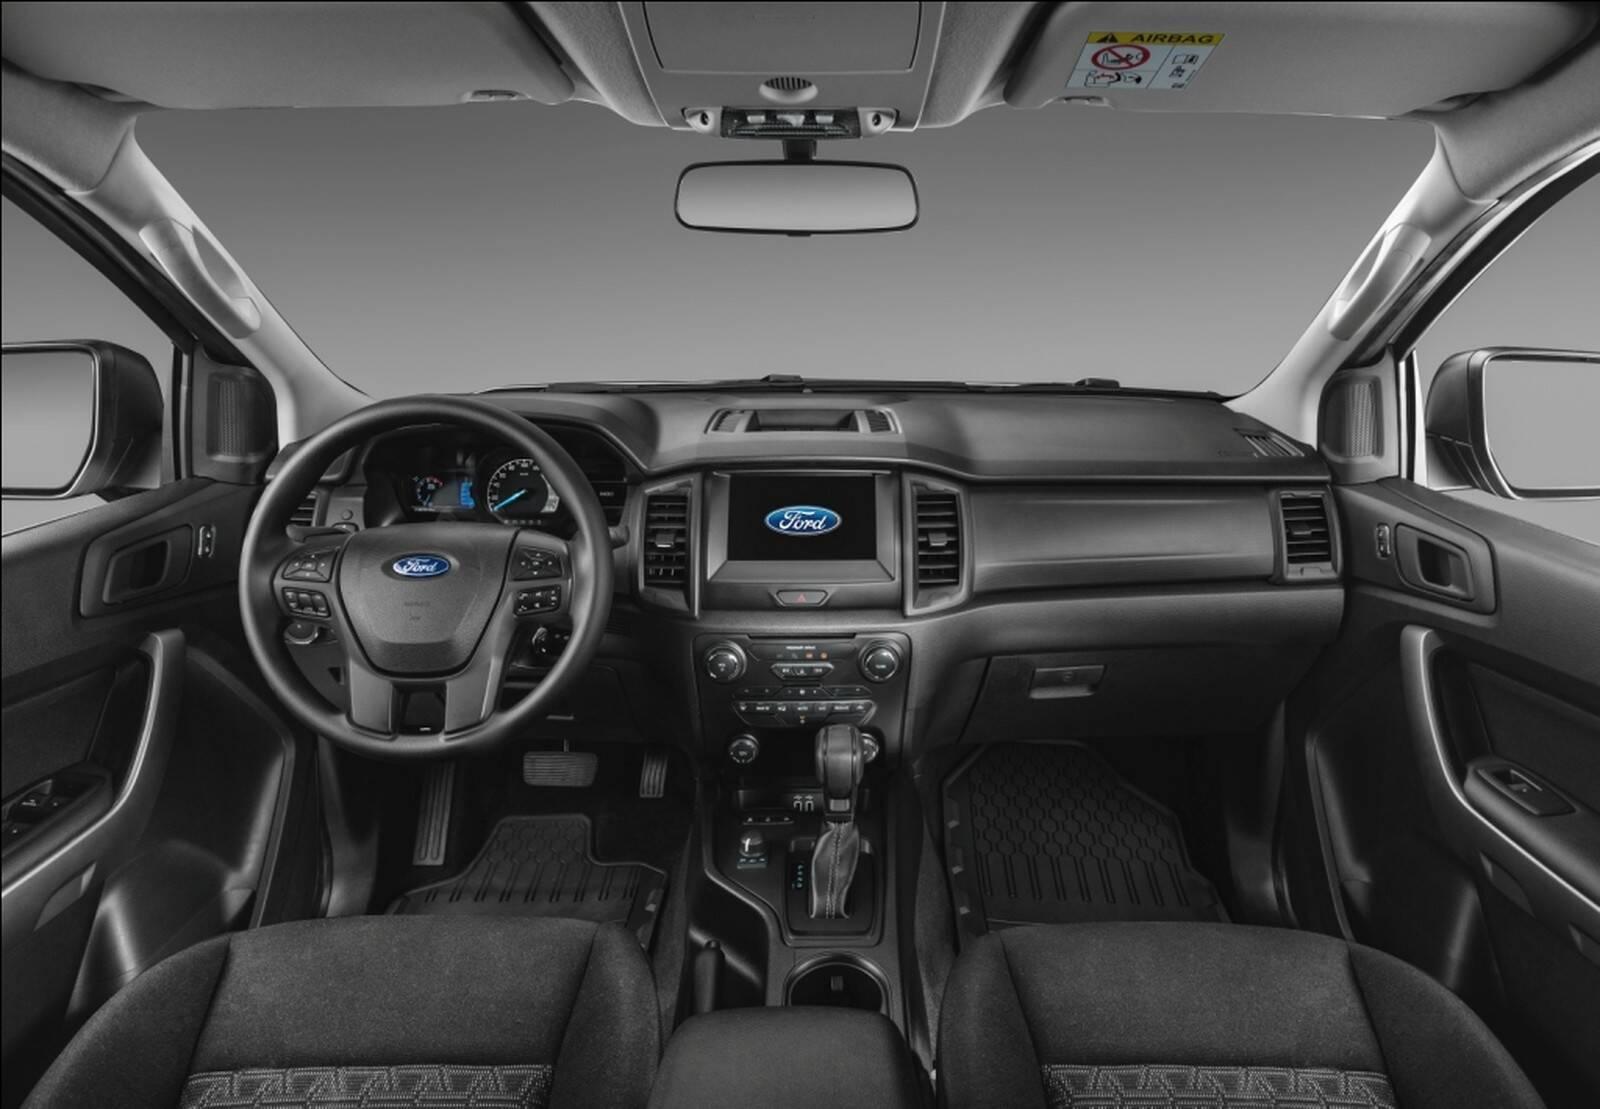 Ford Ranger Storm. Foto: Divulgação